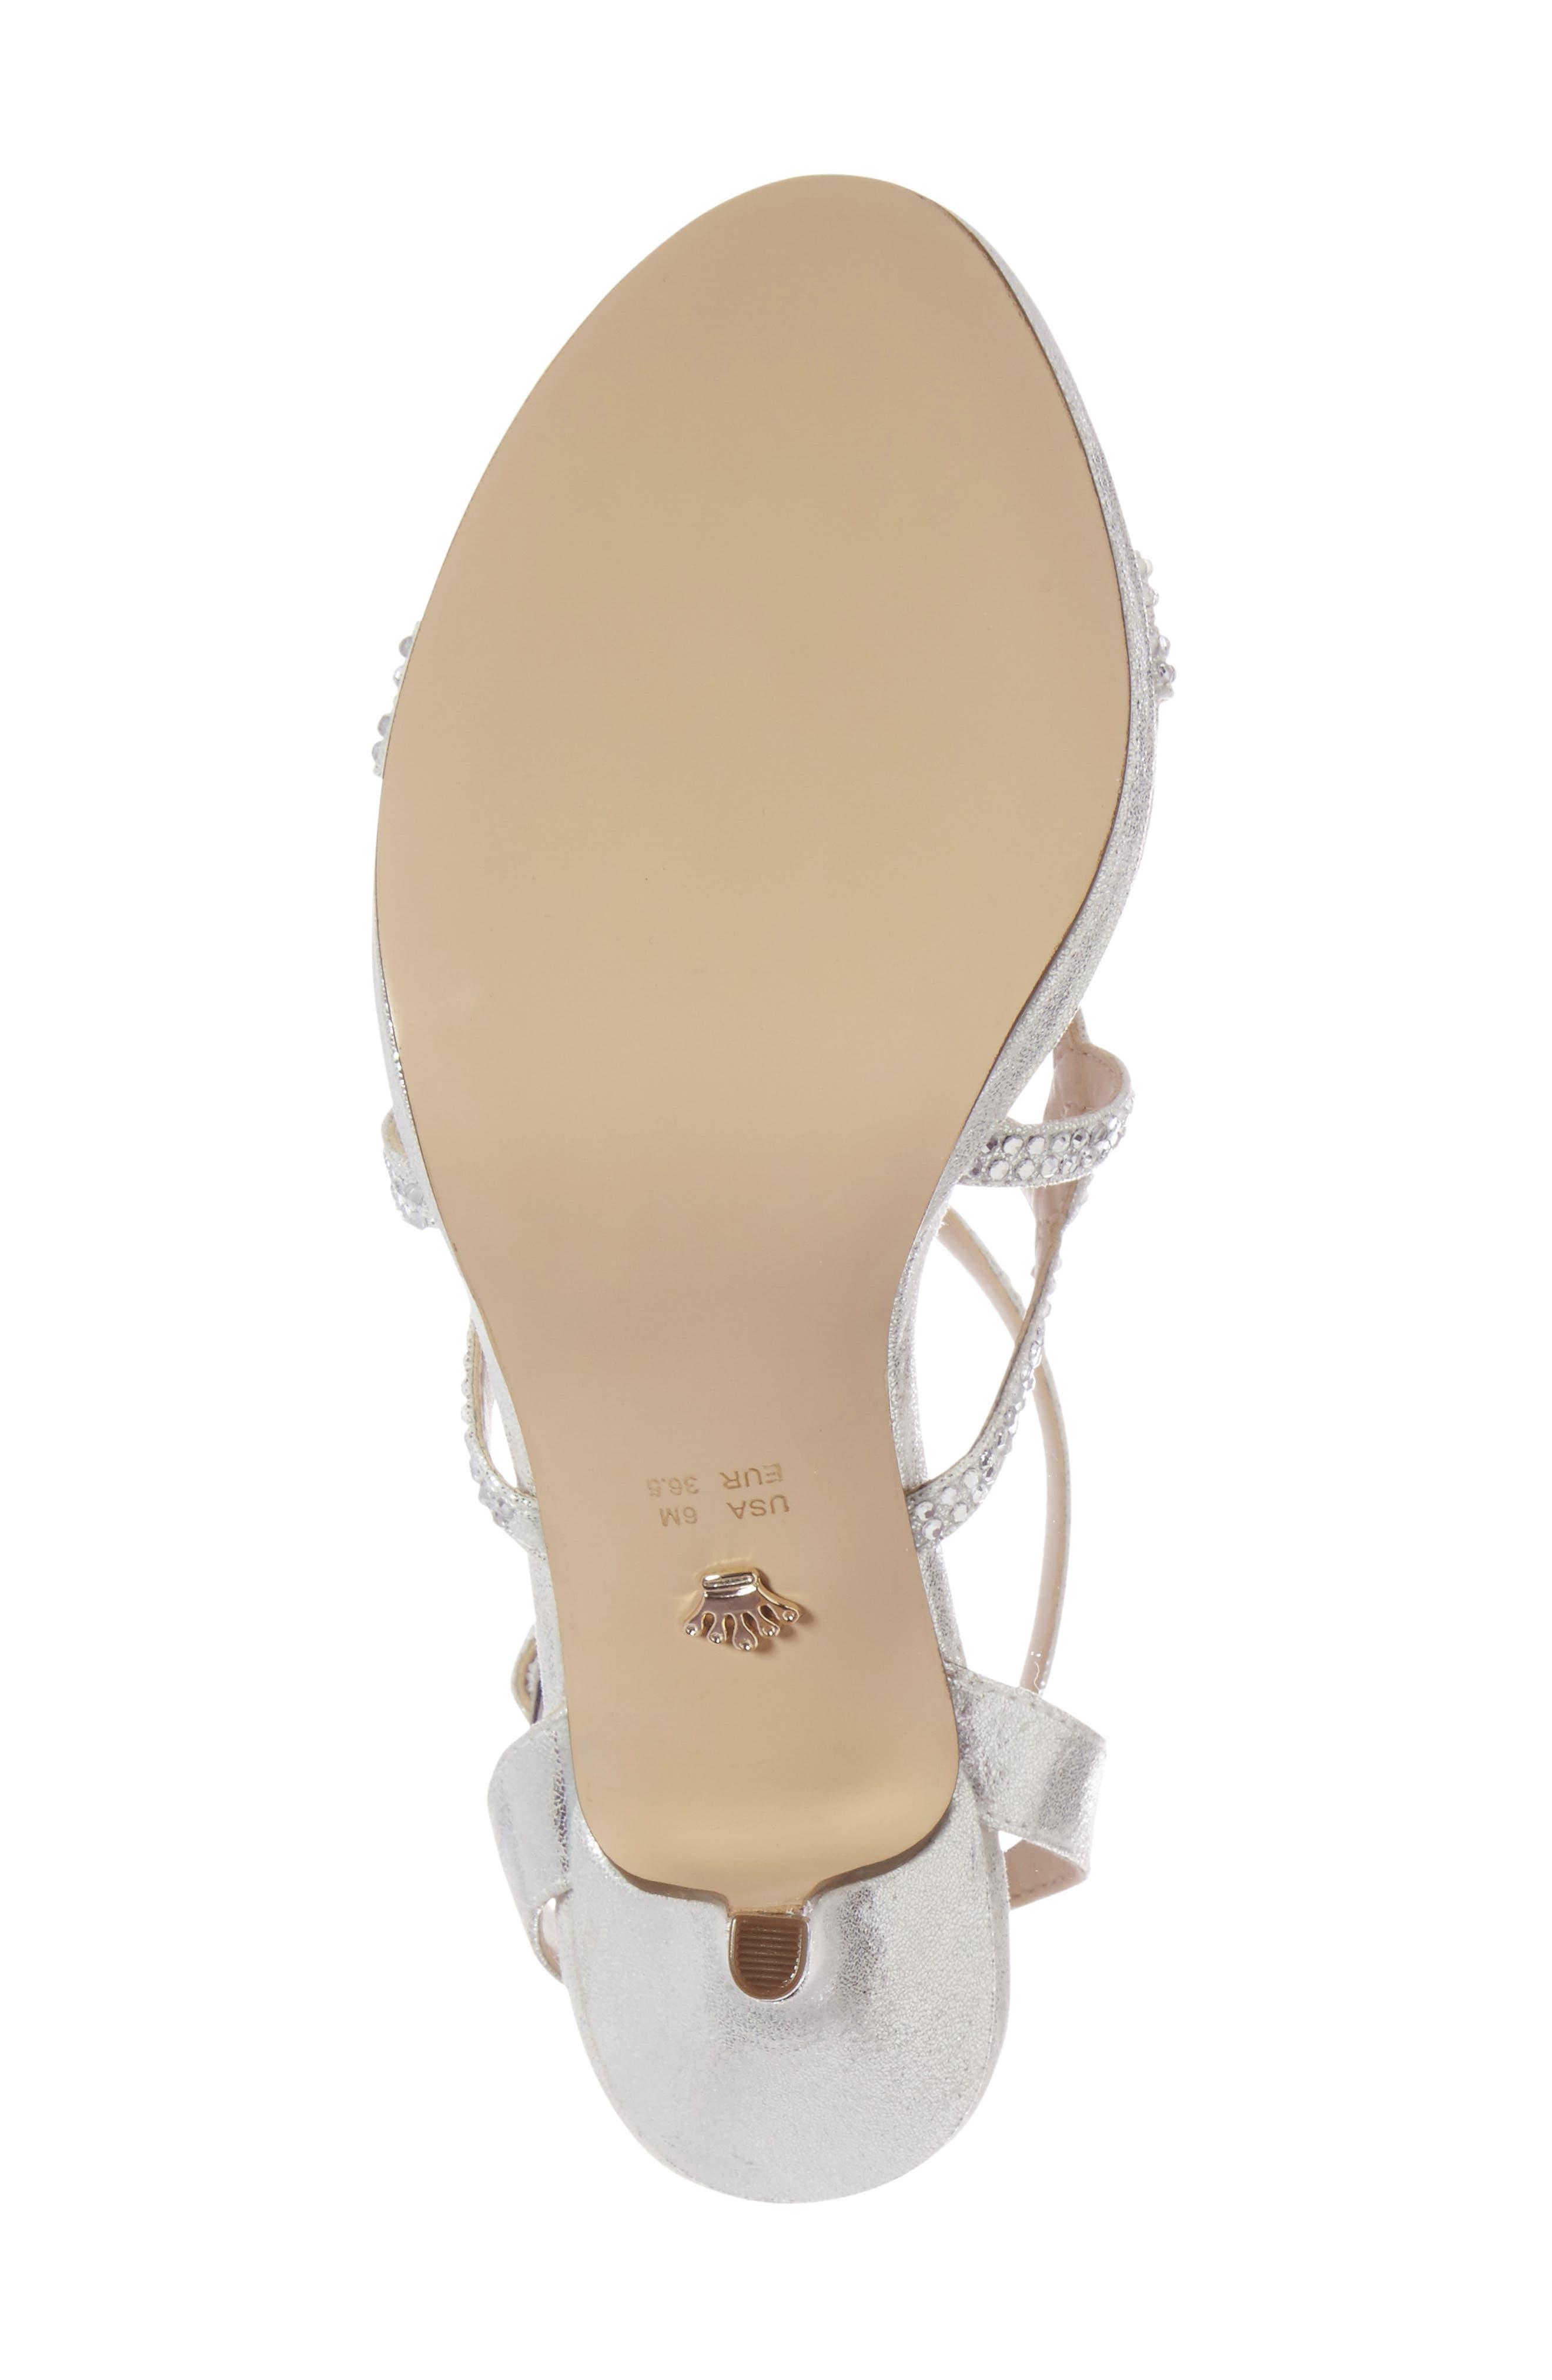 Varsha Crystal Embellished Evening Sandal,                             Alternate thumbnail 5, color,                             SILVER FAUX SUEDE